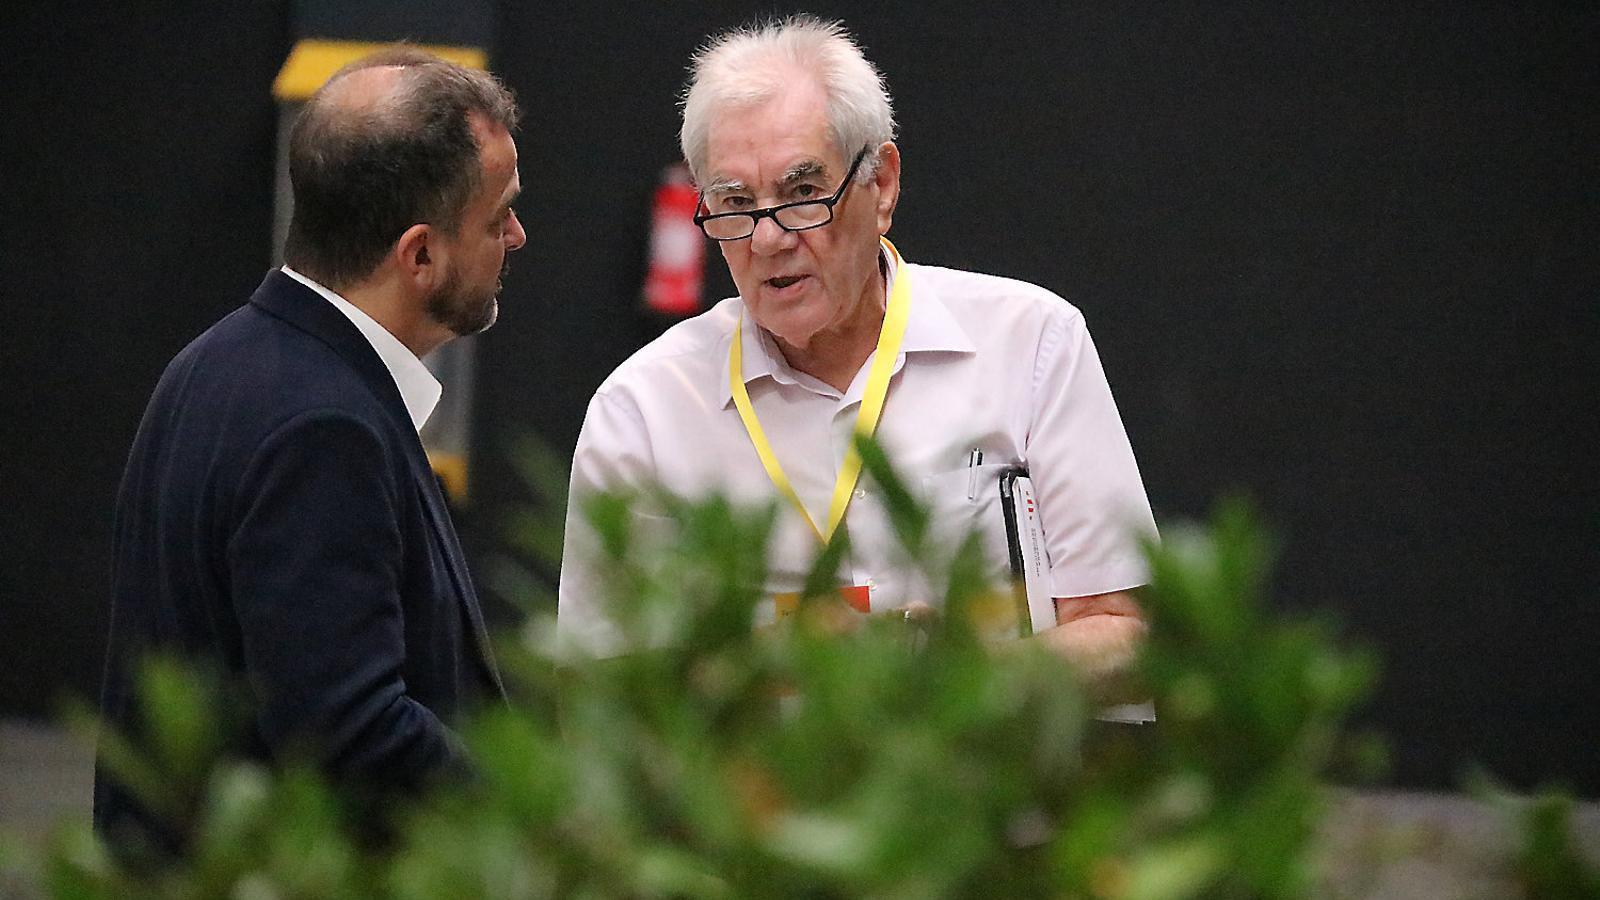 Alfred Bosch i Ernest Maragall, junts a la Farga de l'Hospitalet de Llobregat el mes de juny passat, durant la conferència nacional organitzada per ERC.